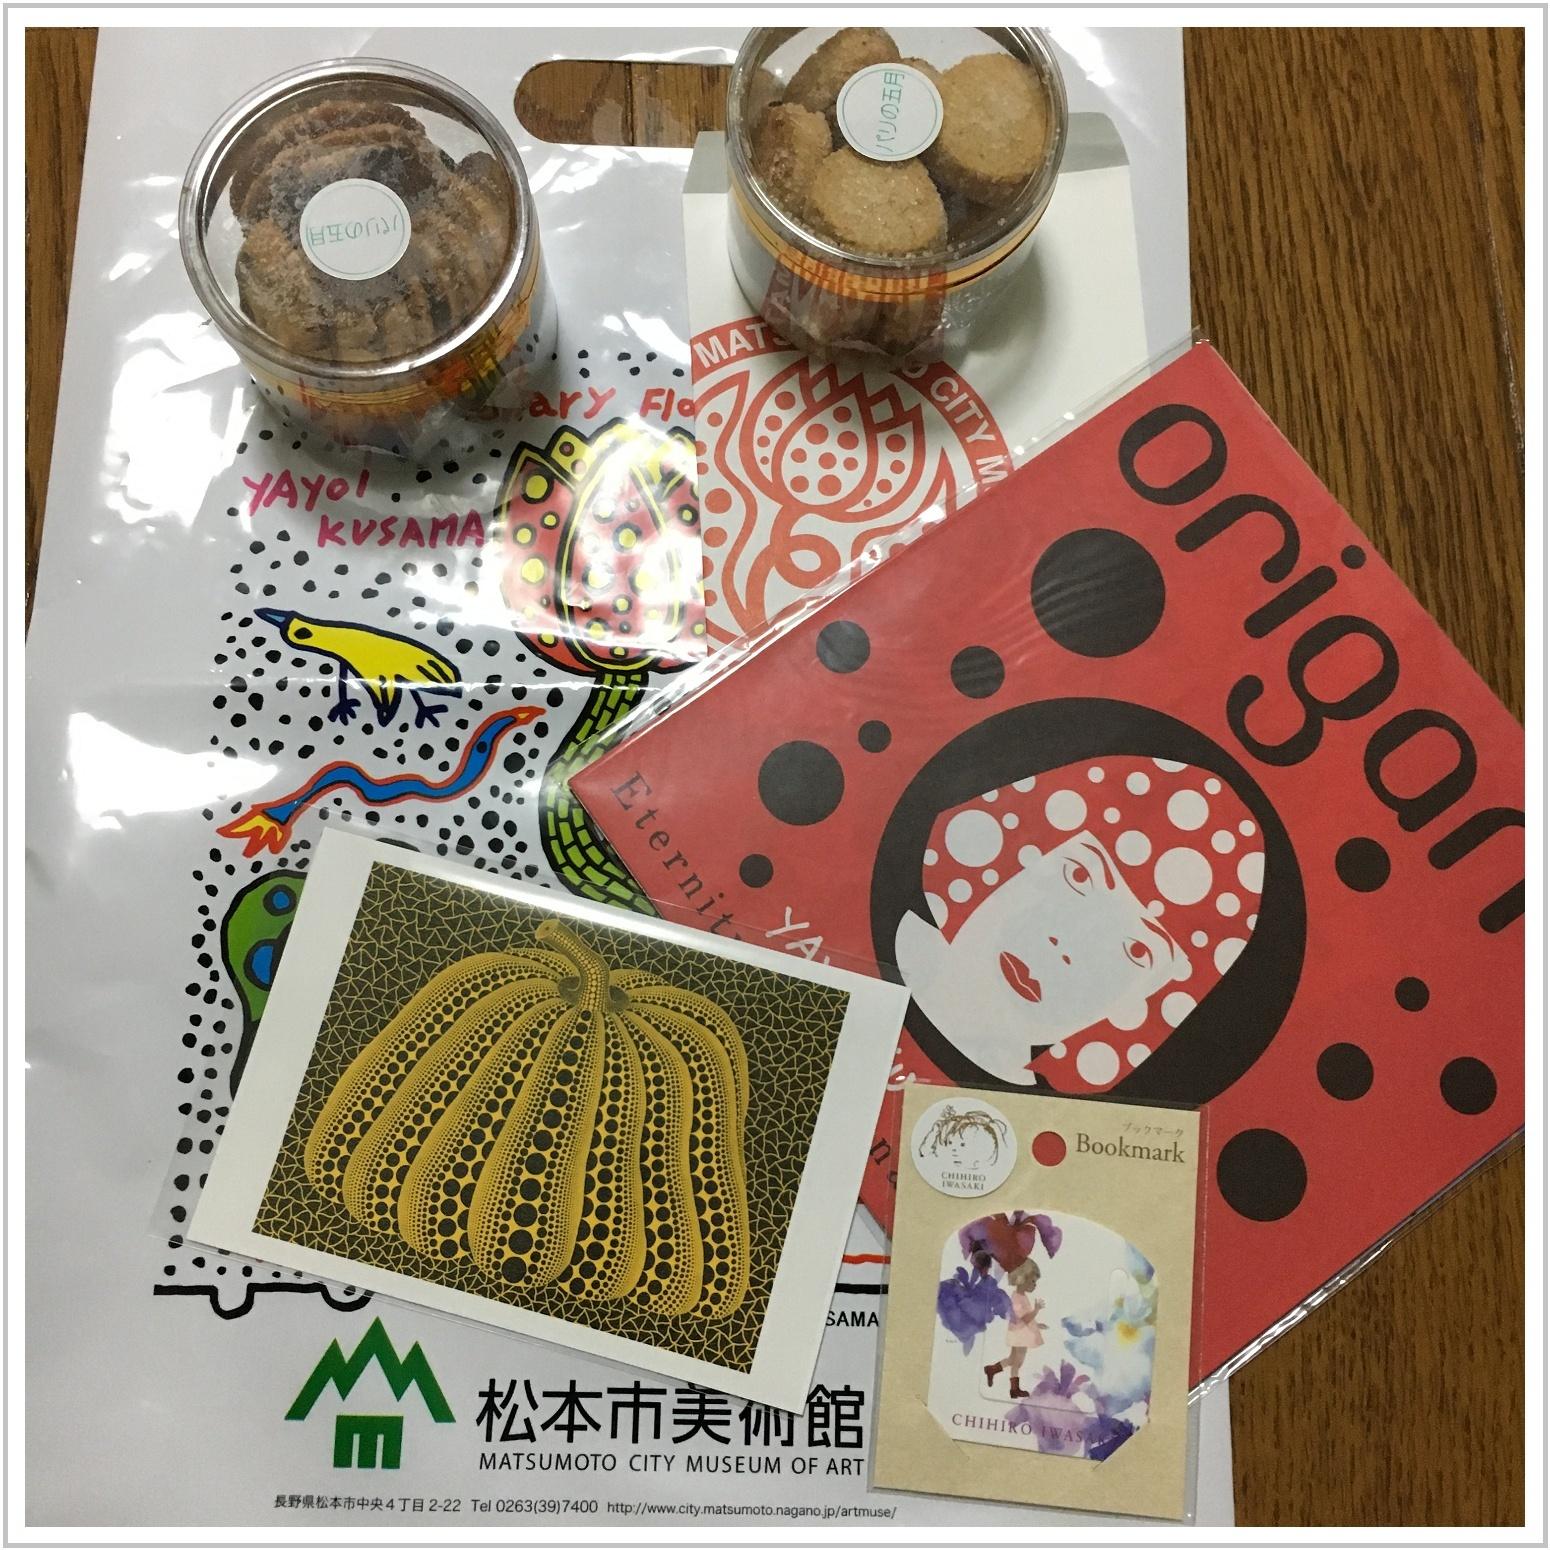 matsumoto_1_1110.jpg